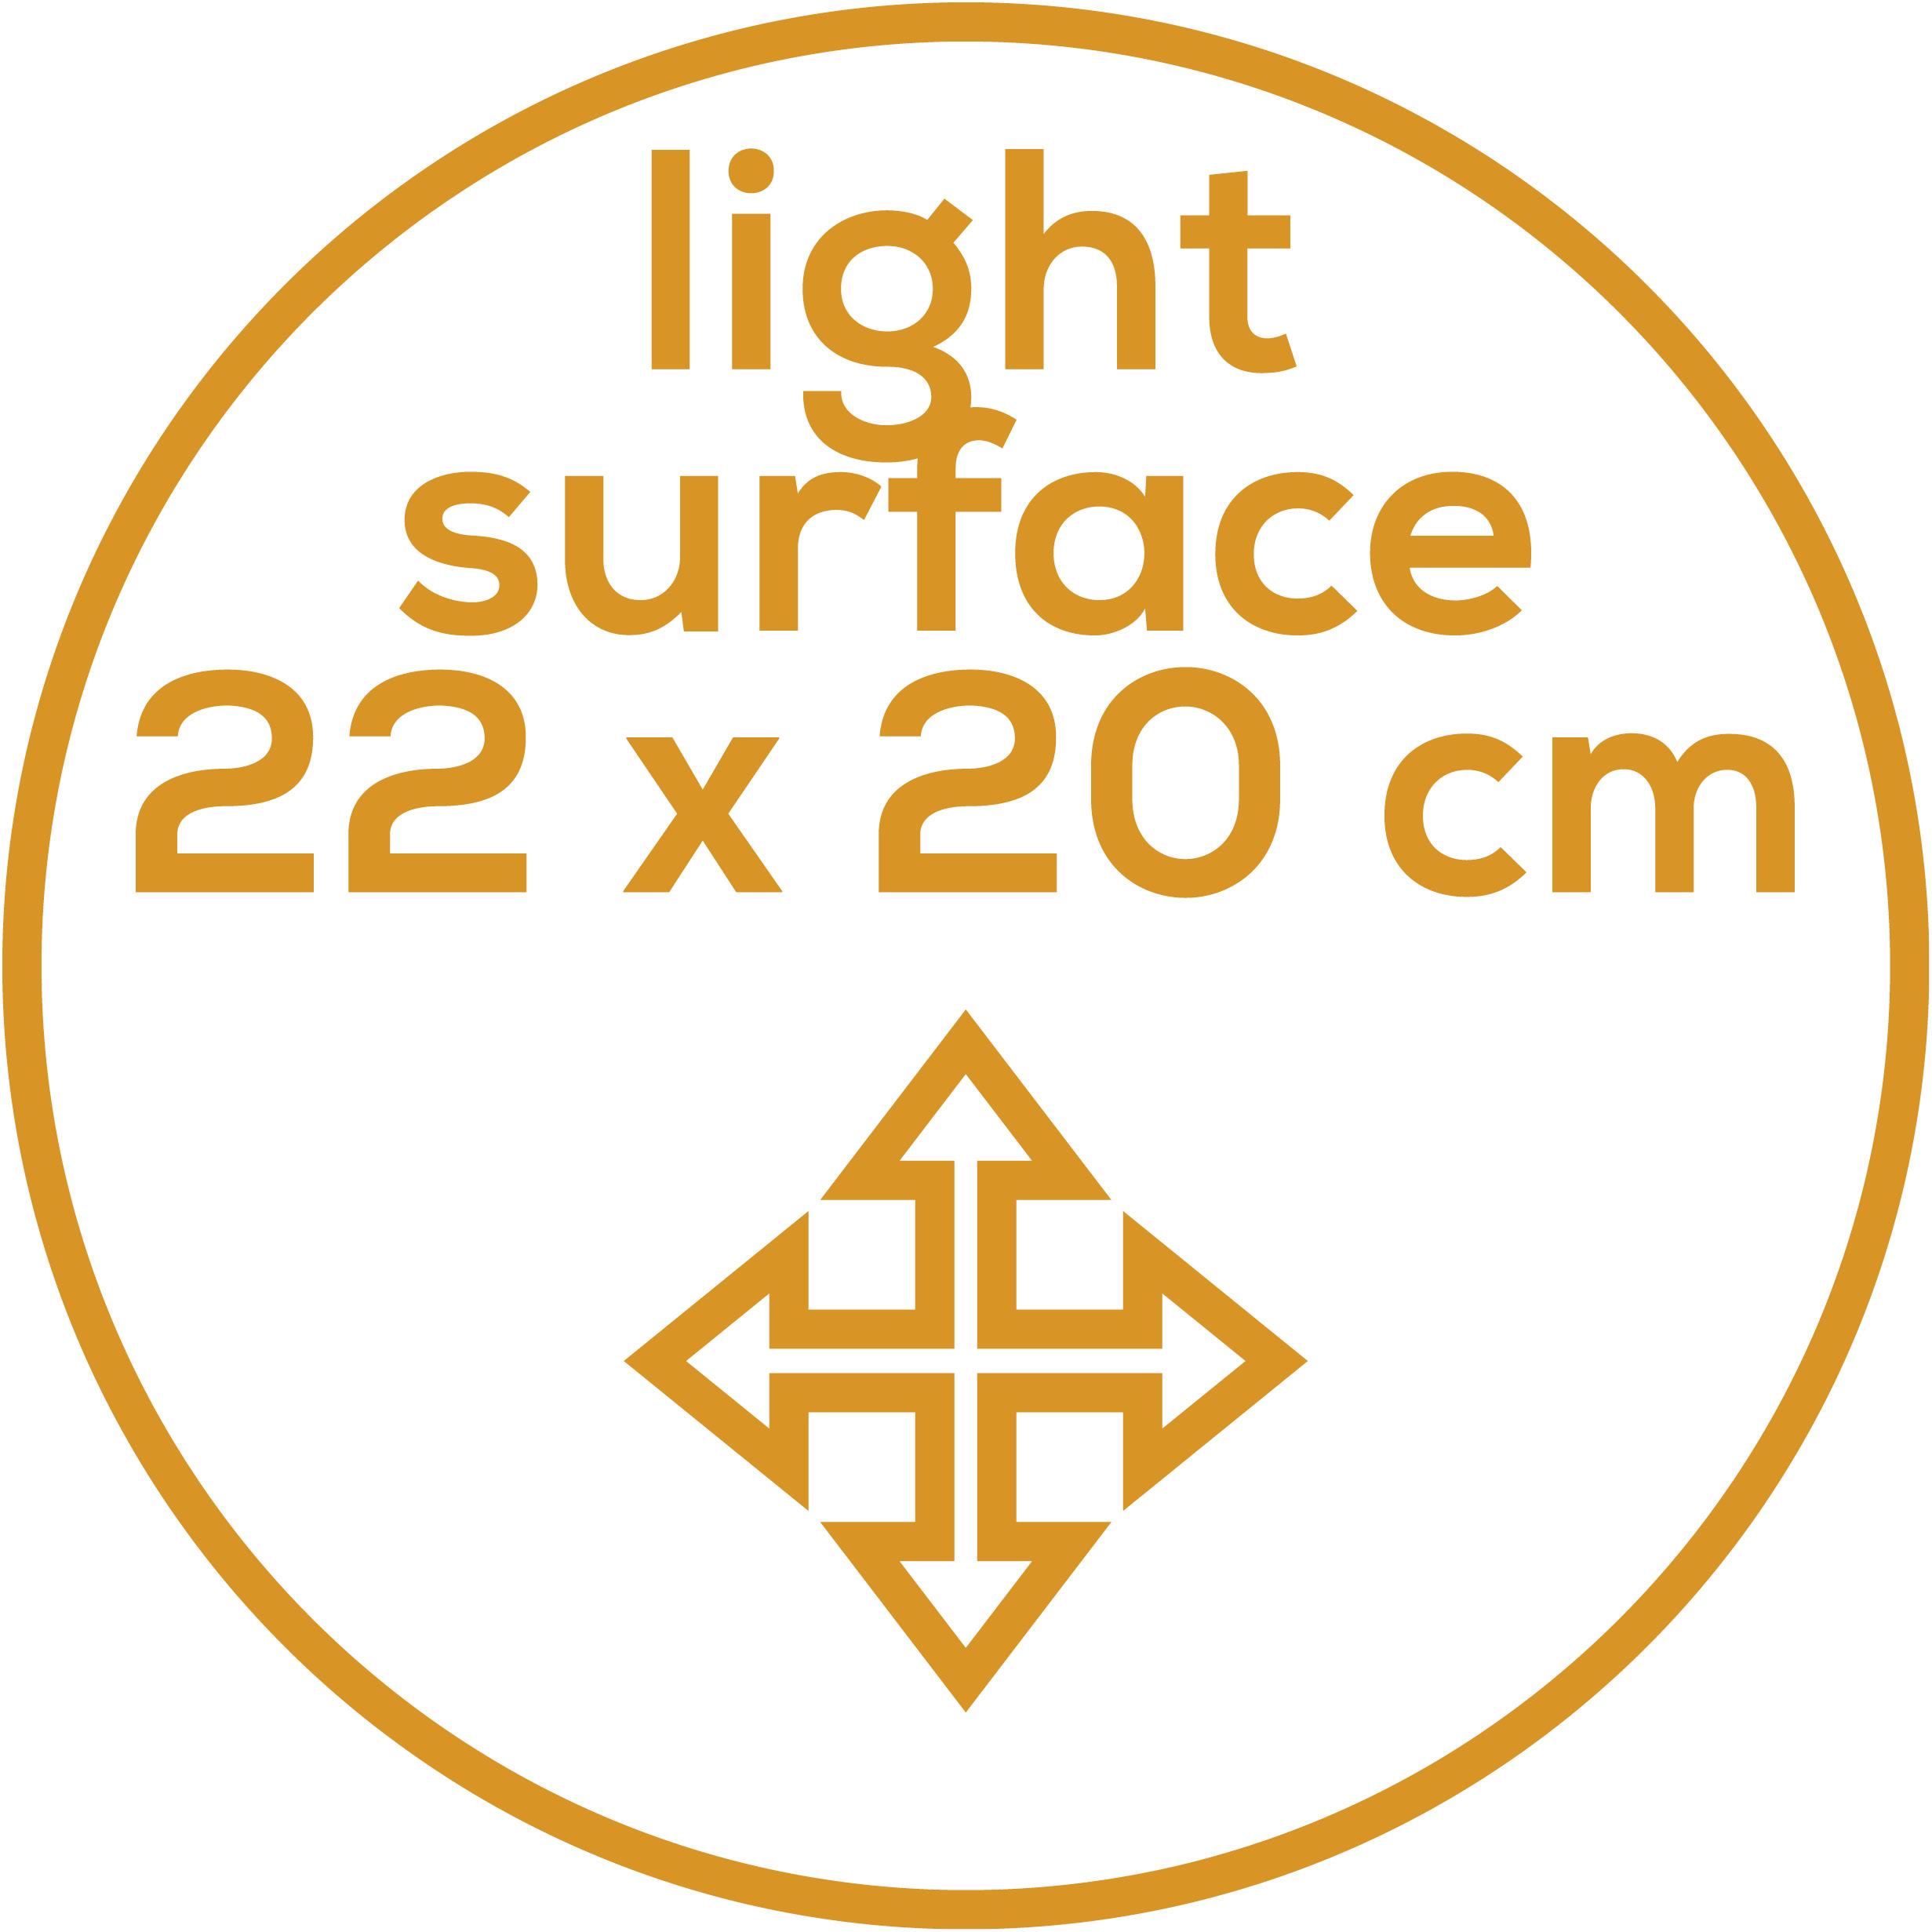 Surface d'éclairage 22 x 20 cm